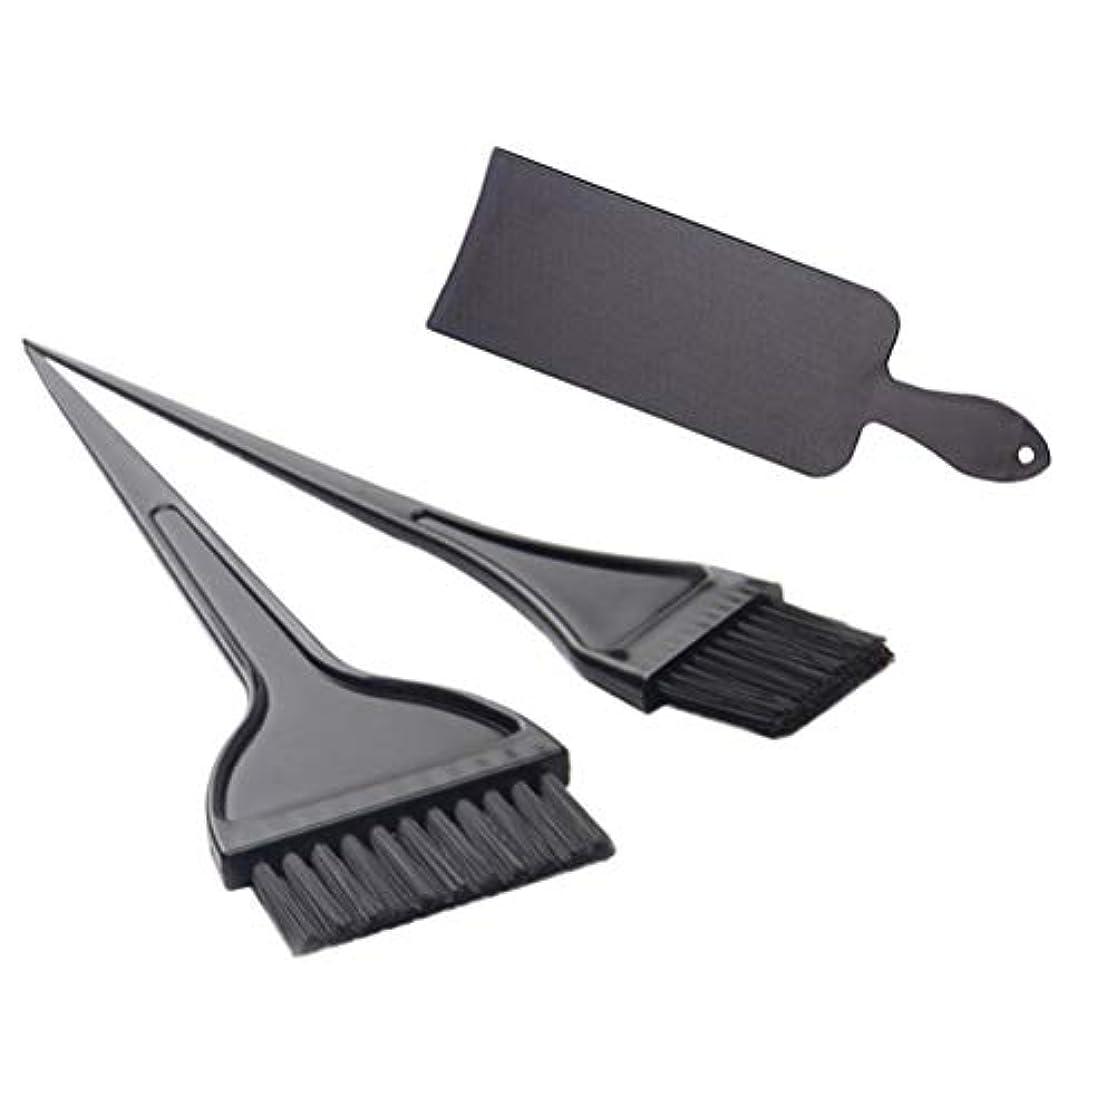 櫛に対応するネックレットHealiftyヘア染色ブラシプレートプロフェッショナルカラーリングアプリケータツールキットヘアブリーチティンティングブラシツール3ピース